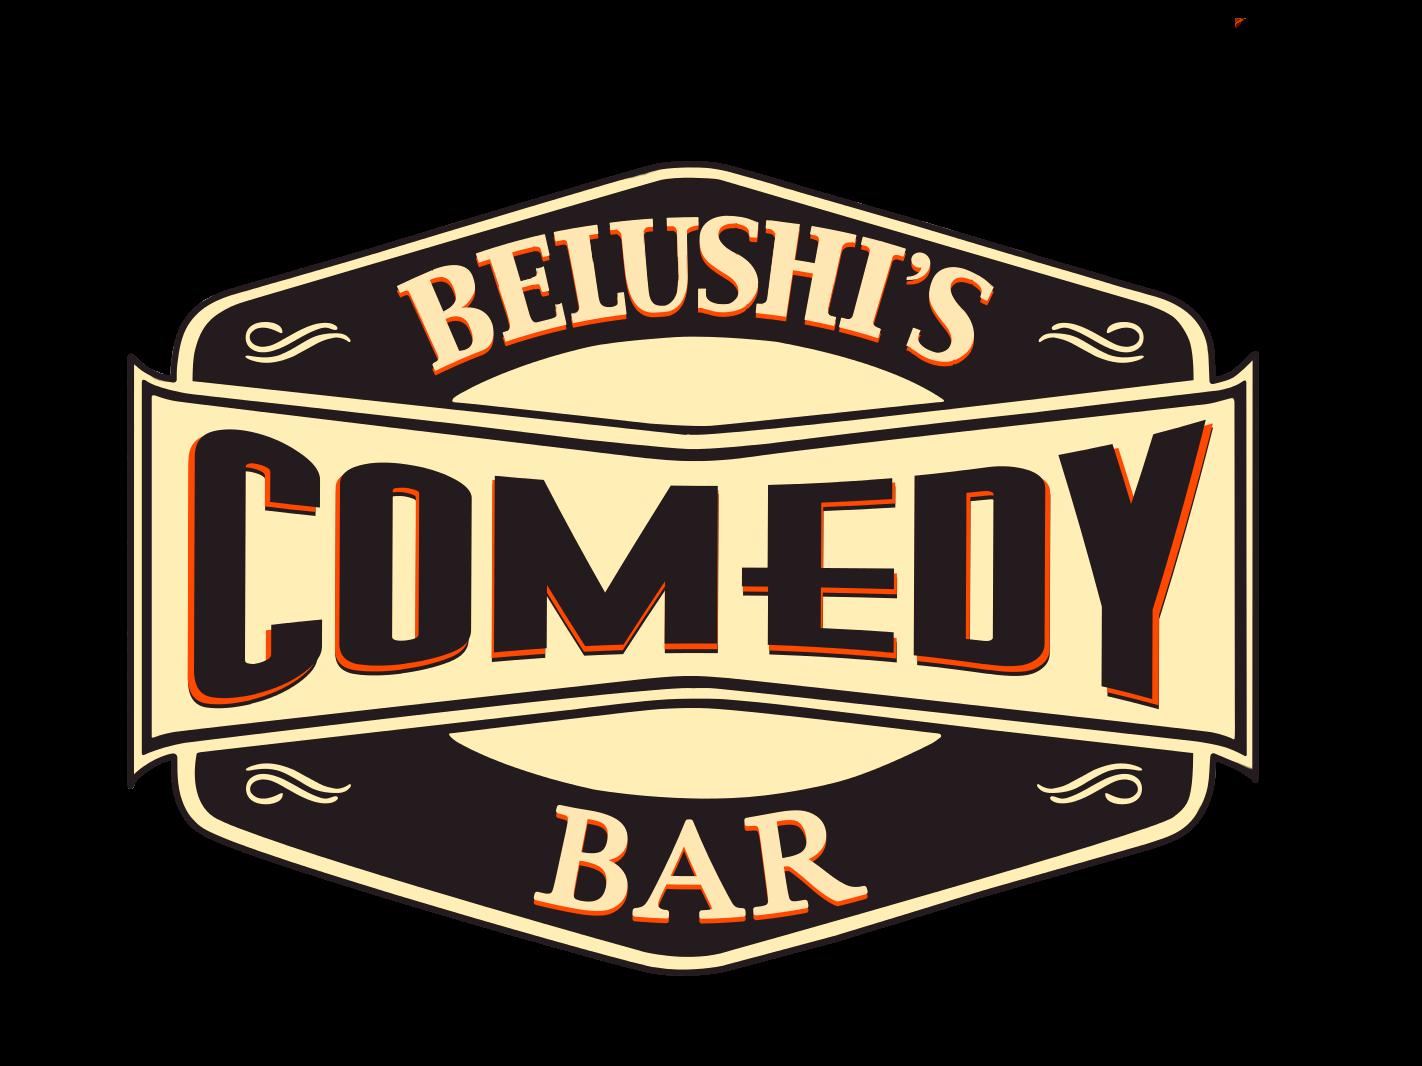 Belushi's Comedy Bar